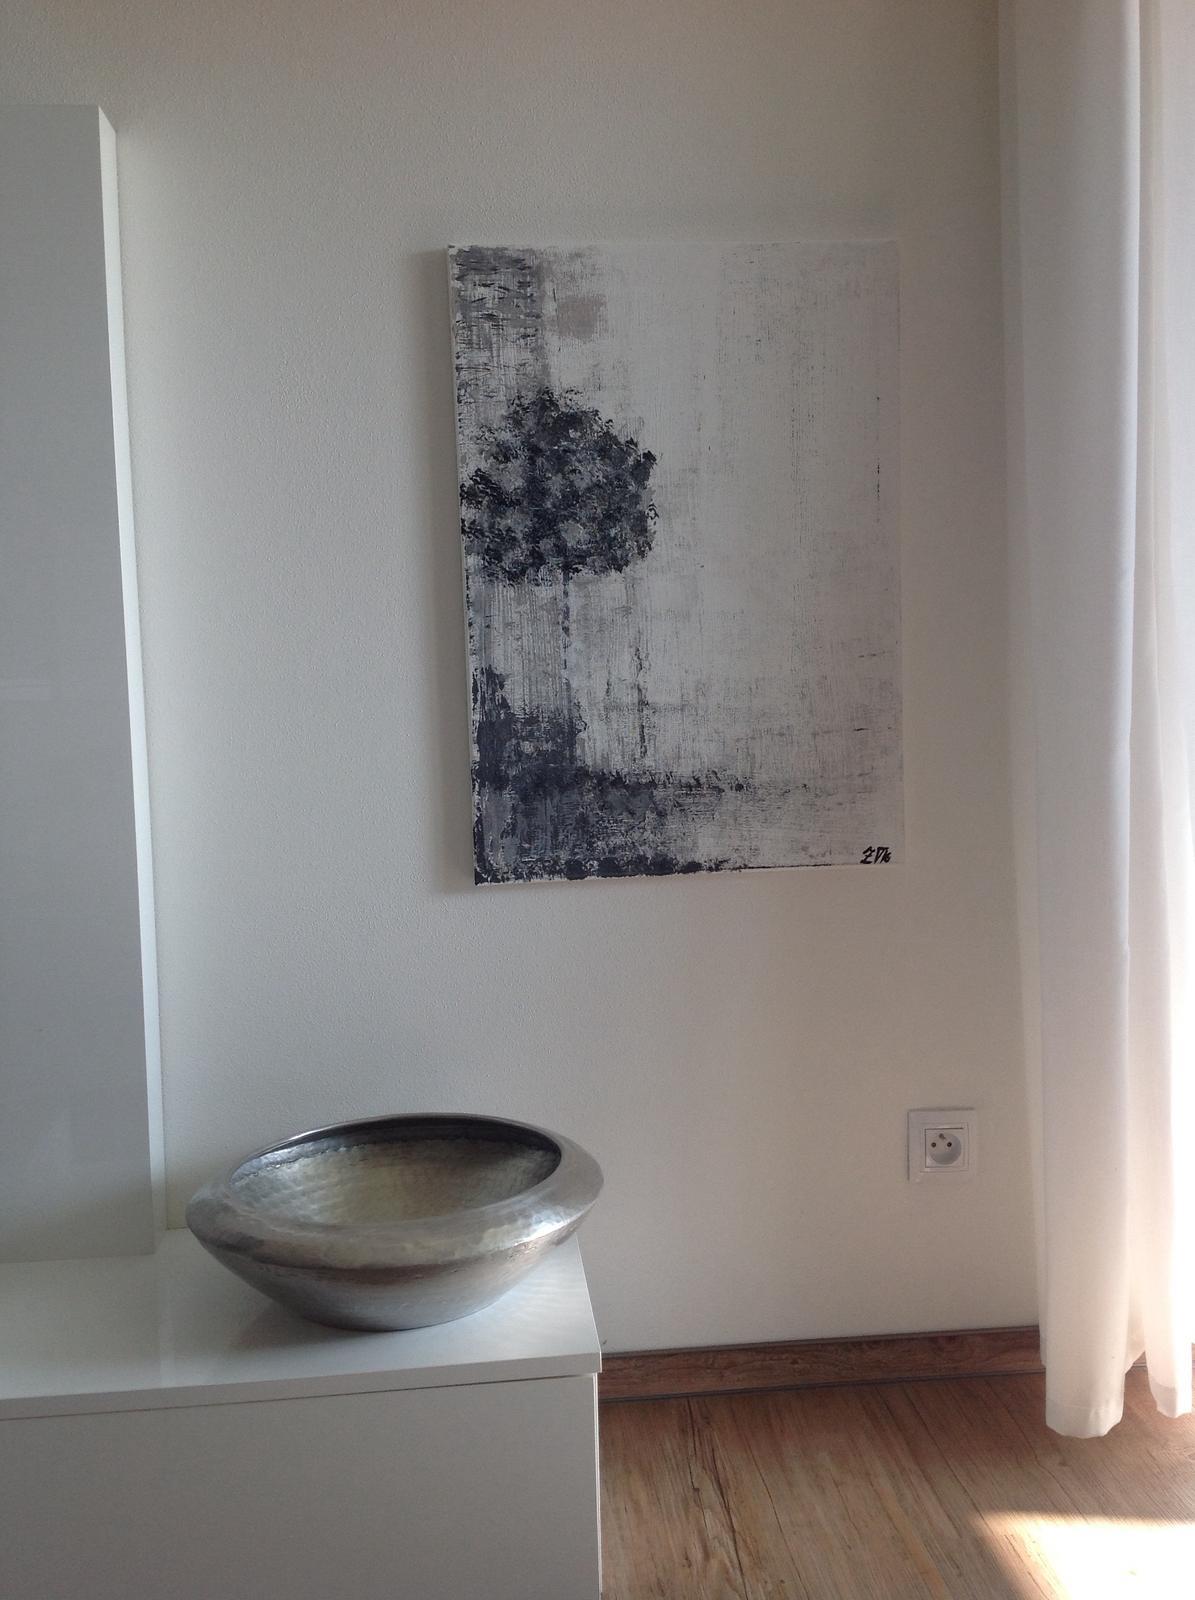 Mé obrazy v interiérech - Obrázek č. 65